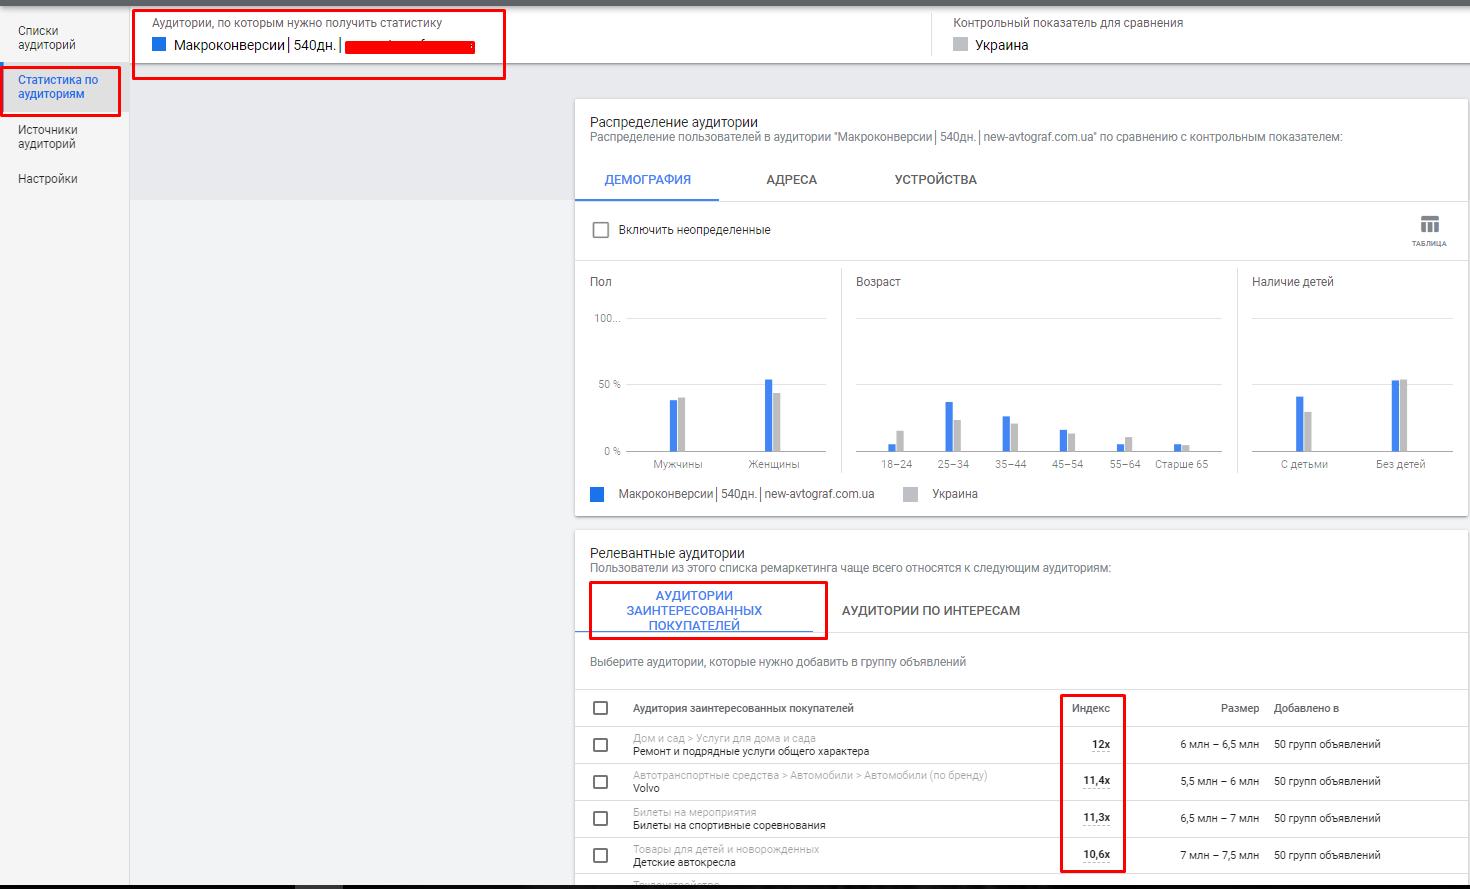 Оптимізація Google Ads. Пошук нових аудиторій фото 2